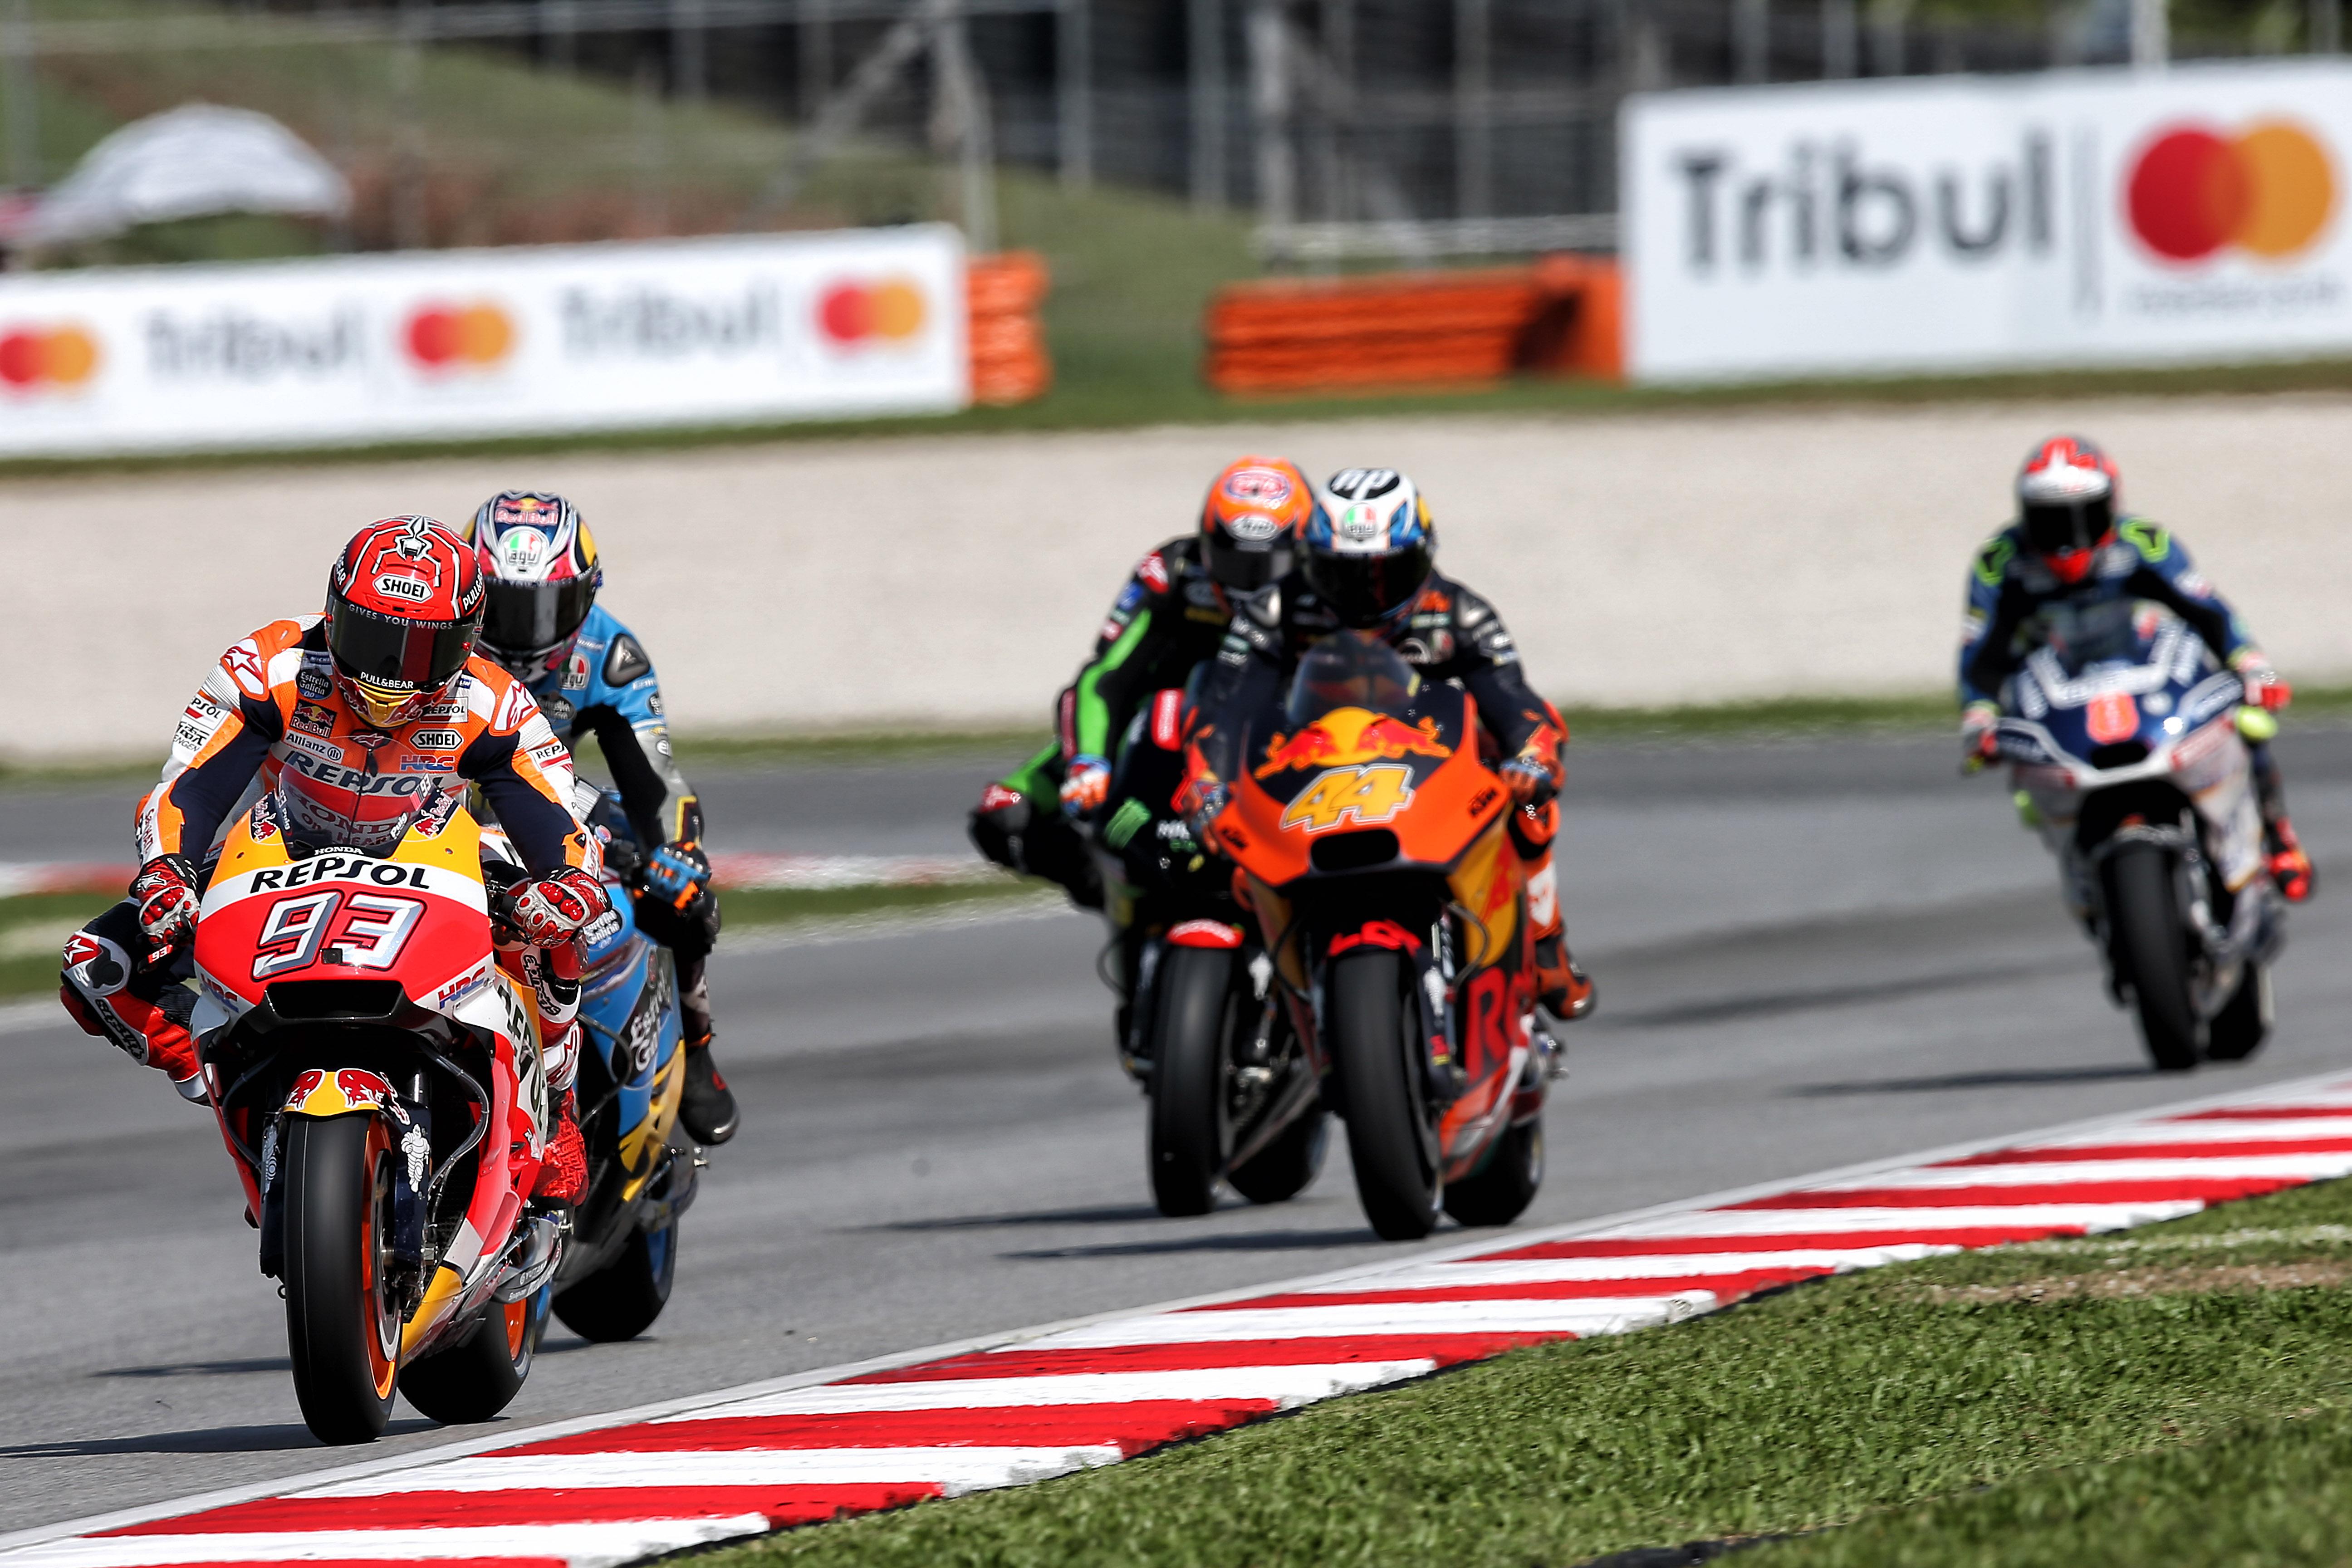 Shell Malaysia Motorcycle GP. Marc Márquez remontará, si cuida el físico y gomas. Jorge Lorenzo, el bastión de Dovizioso